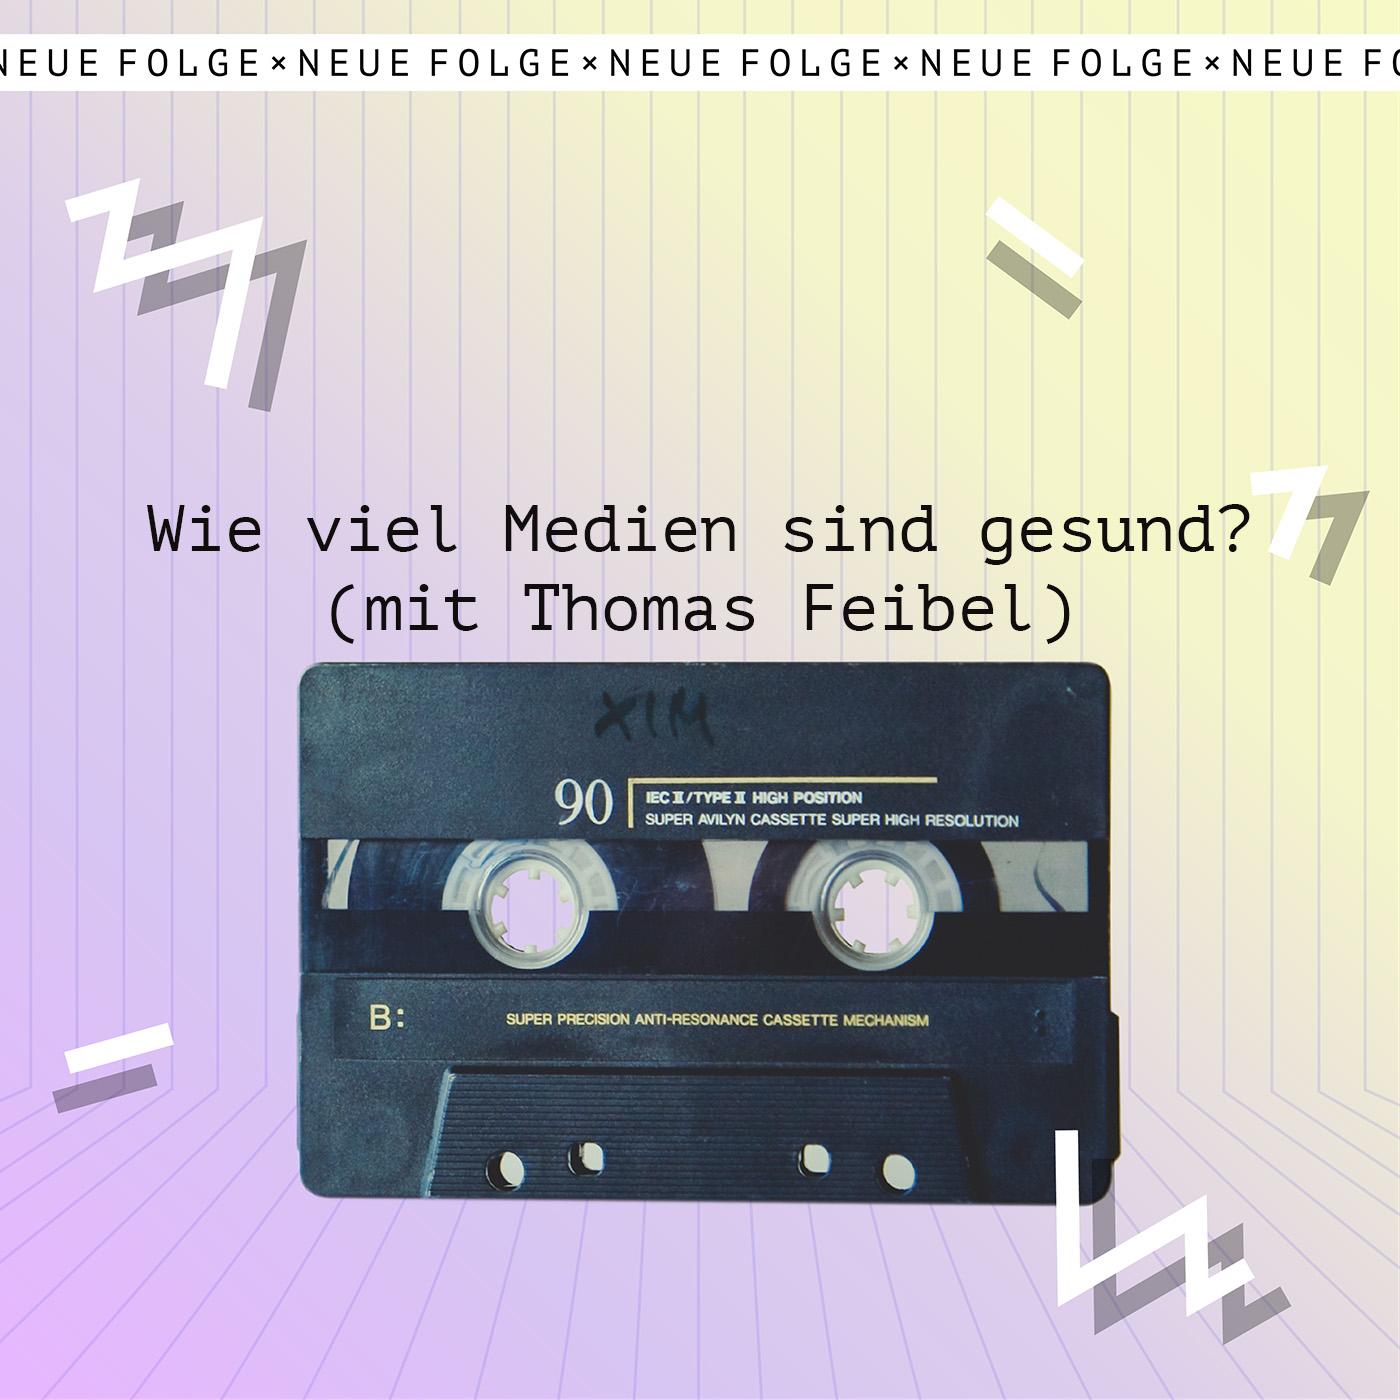 Wie viel Medien sind Gesund mit Thomas Feibel